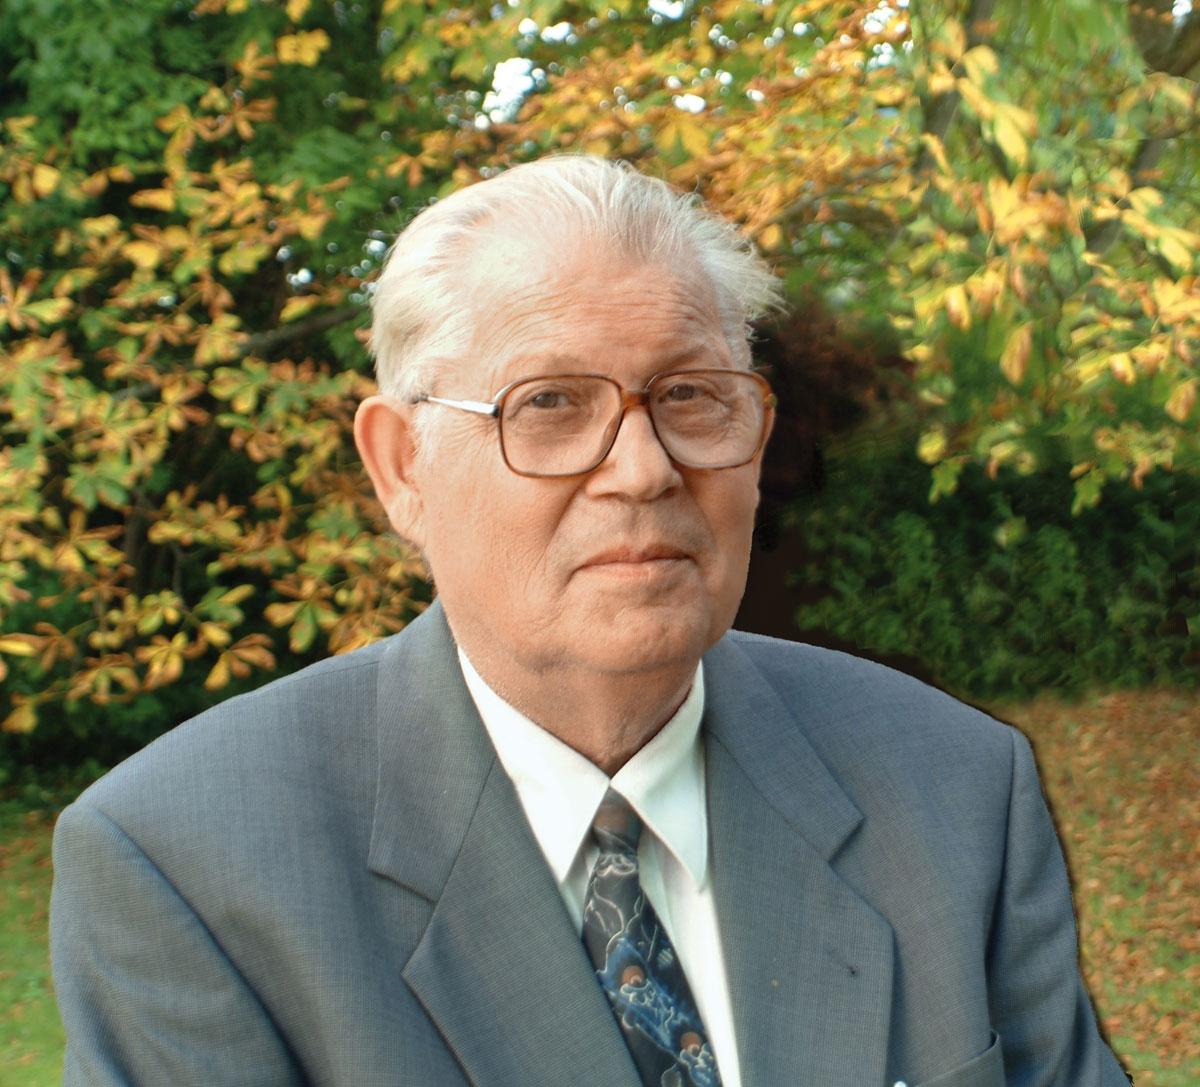 Johannes Kühn